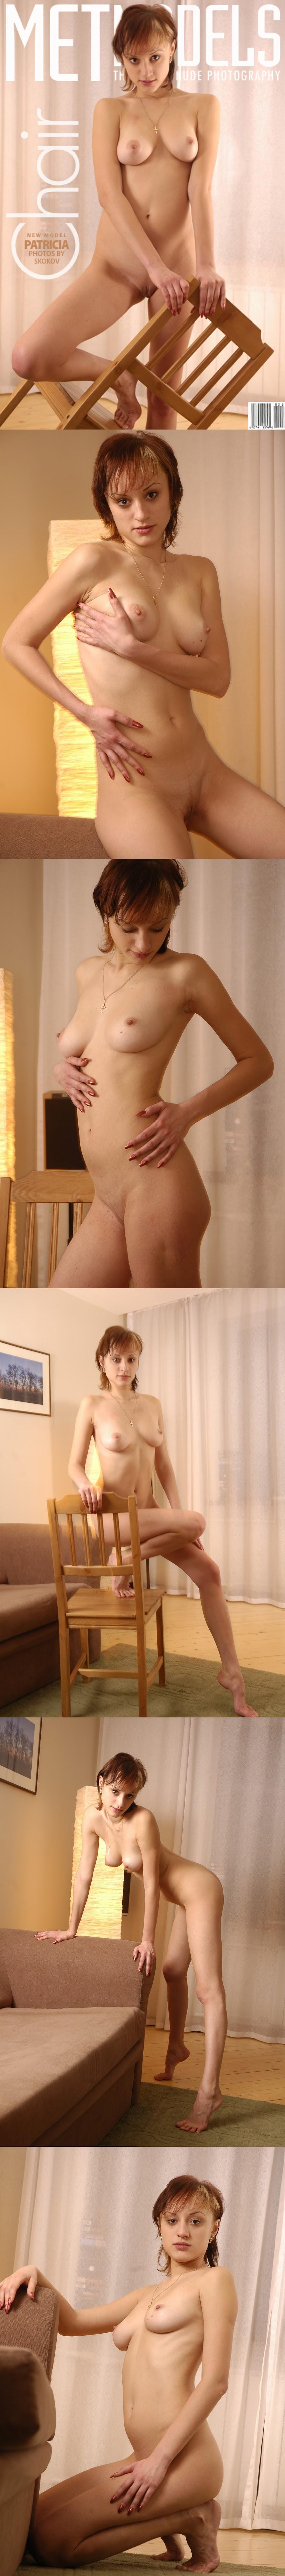 03 PATRICIA CHAIR by Sergey Skokov sexy girls image jav